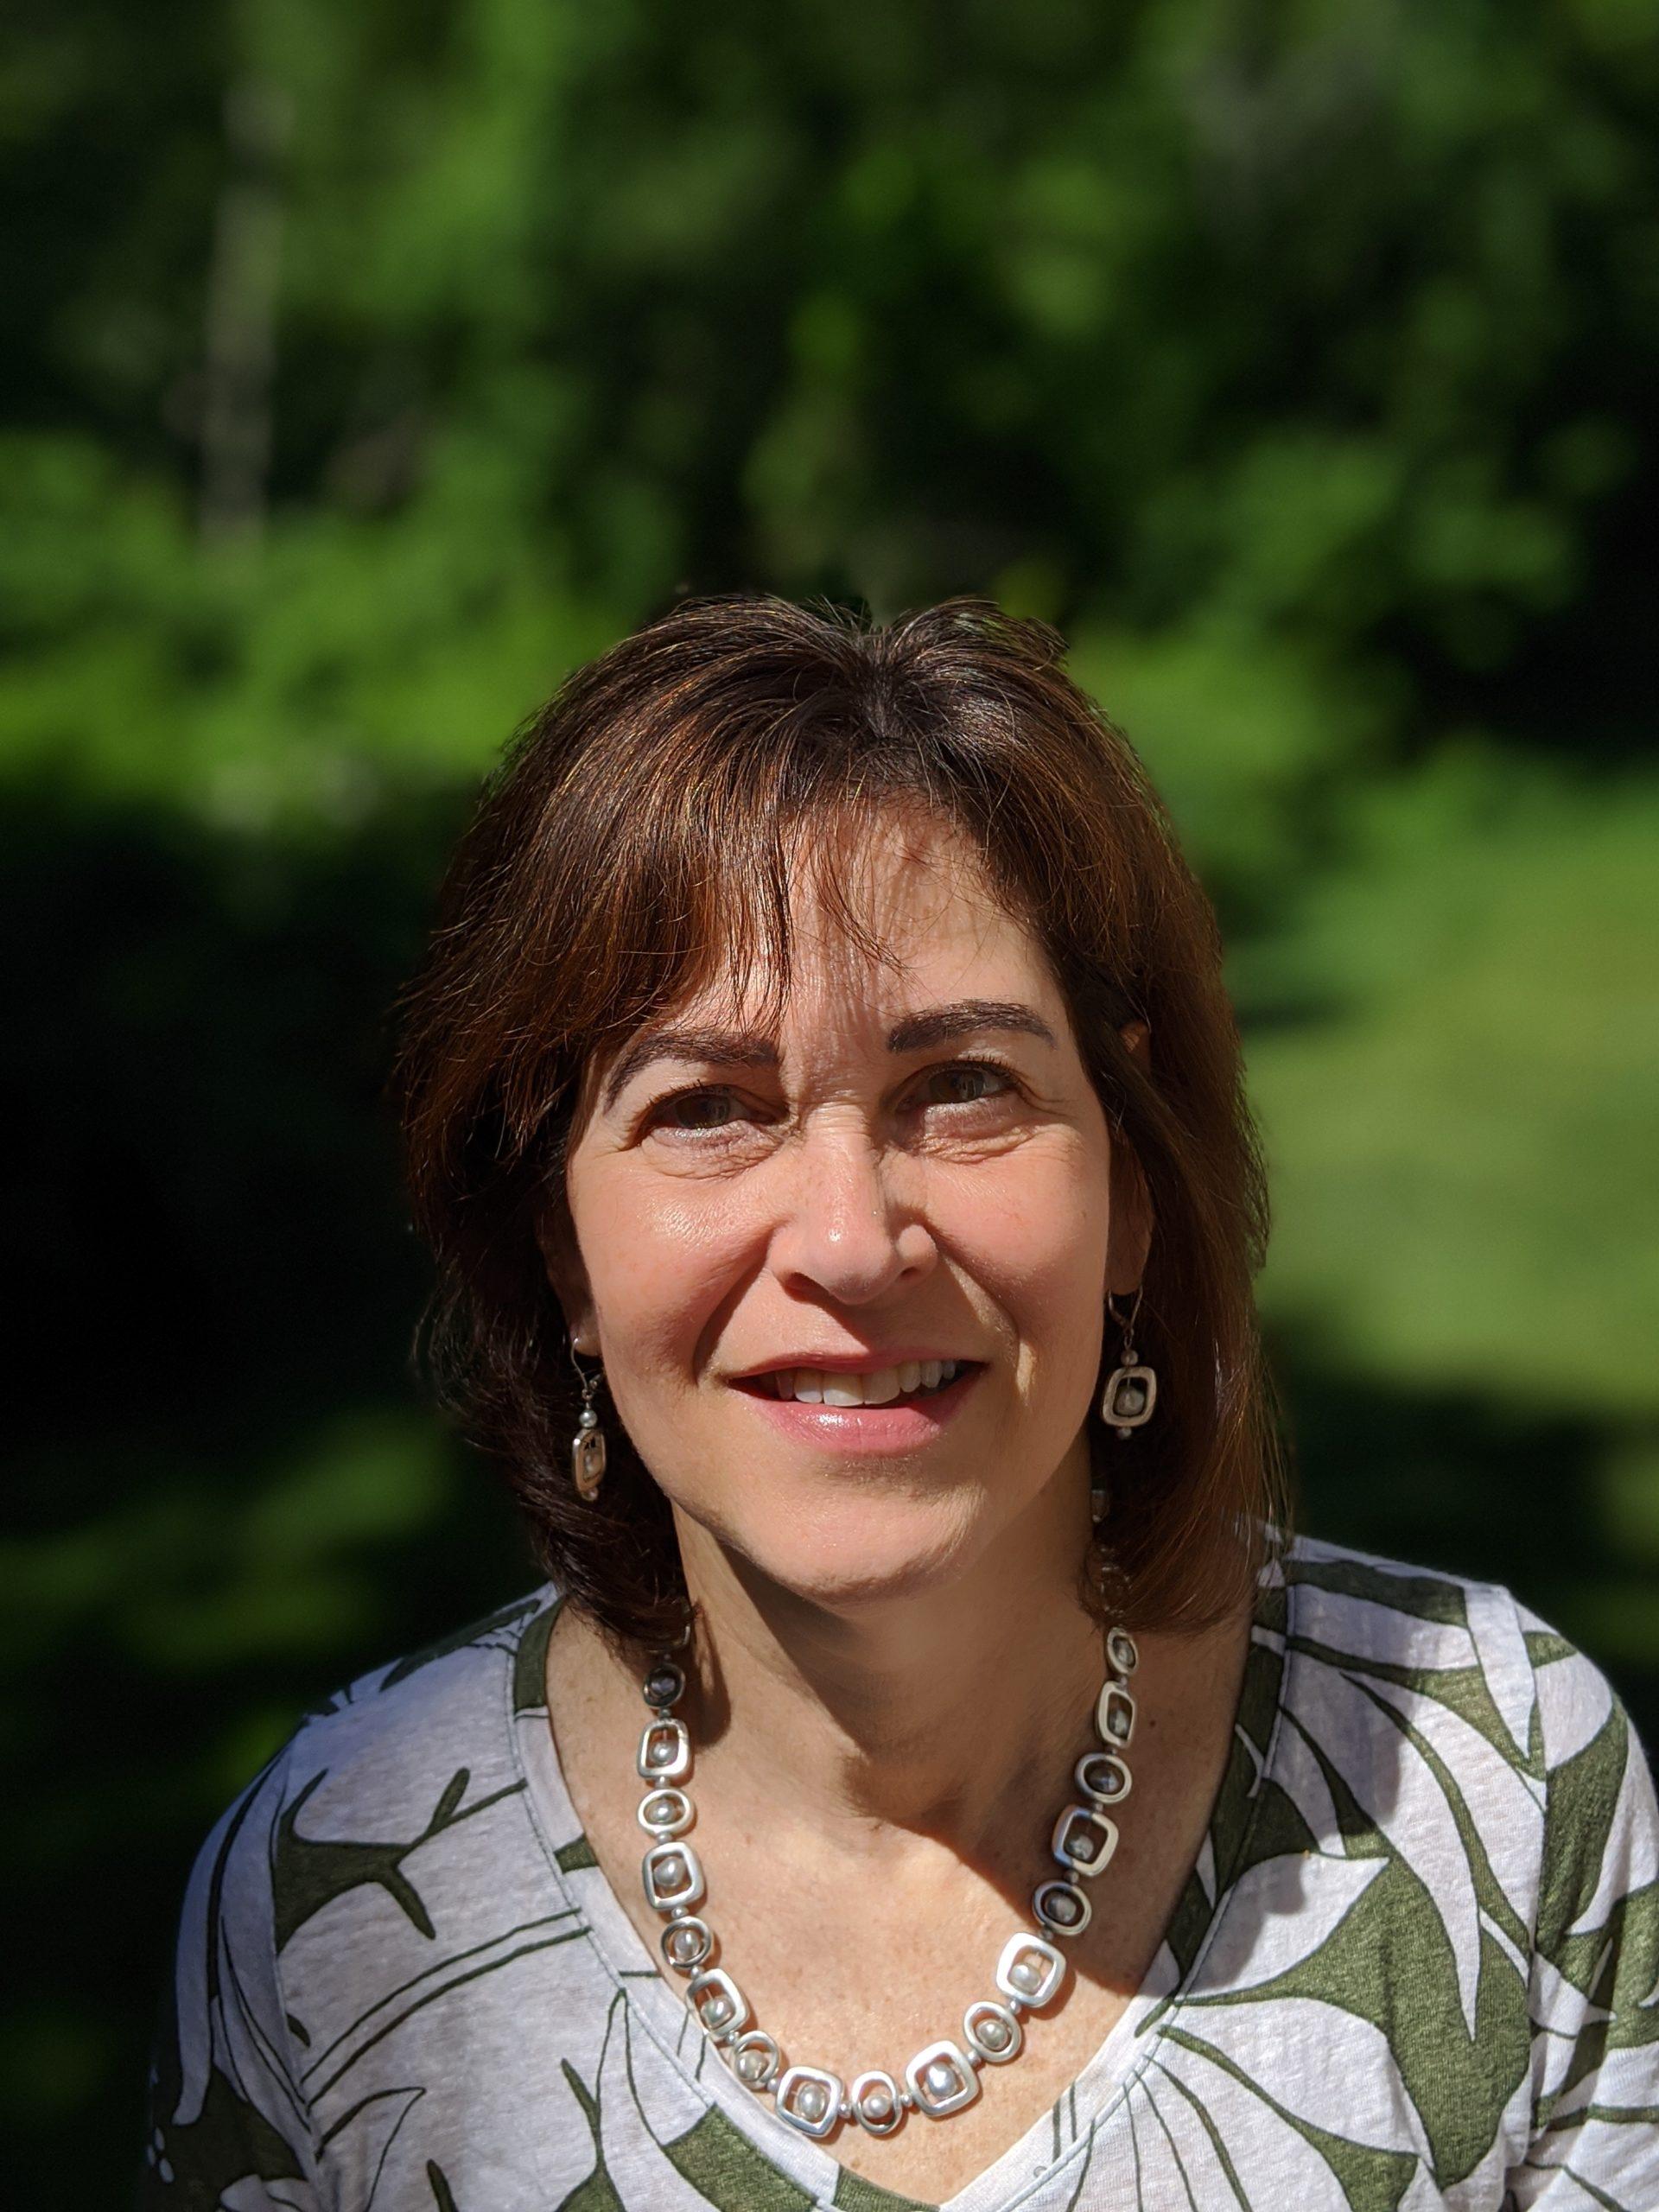 Michelle Weiner Taylor